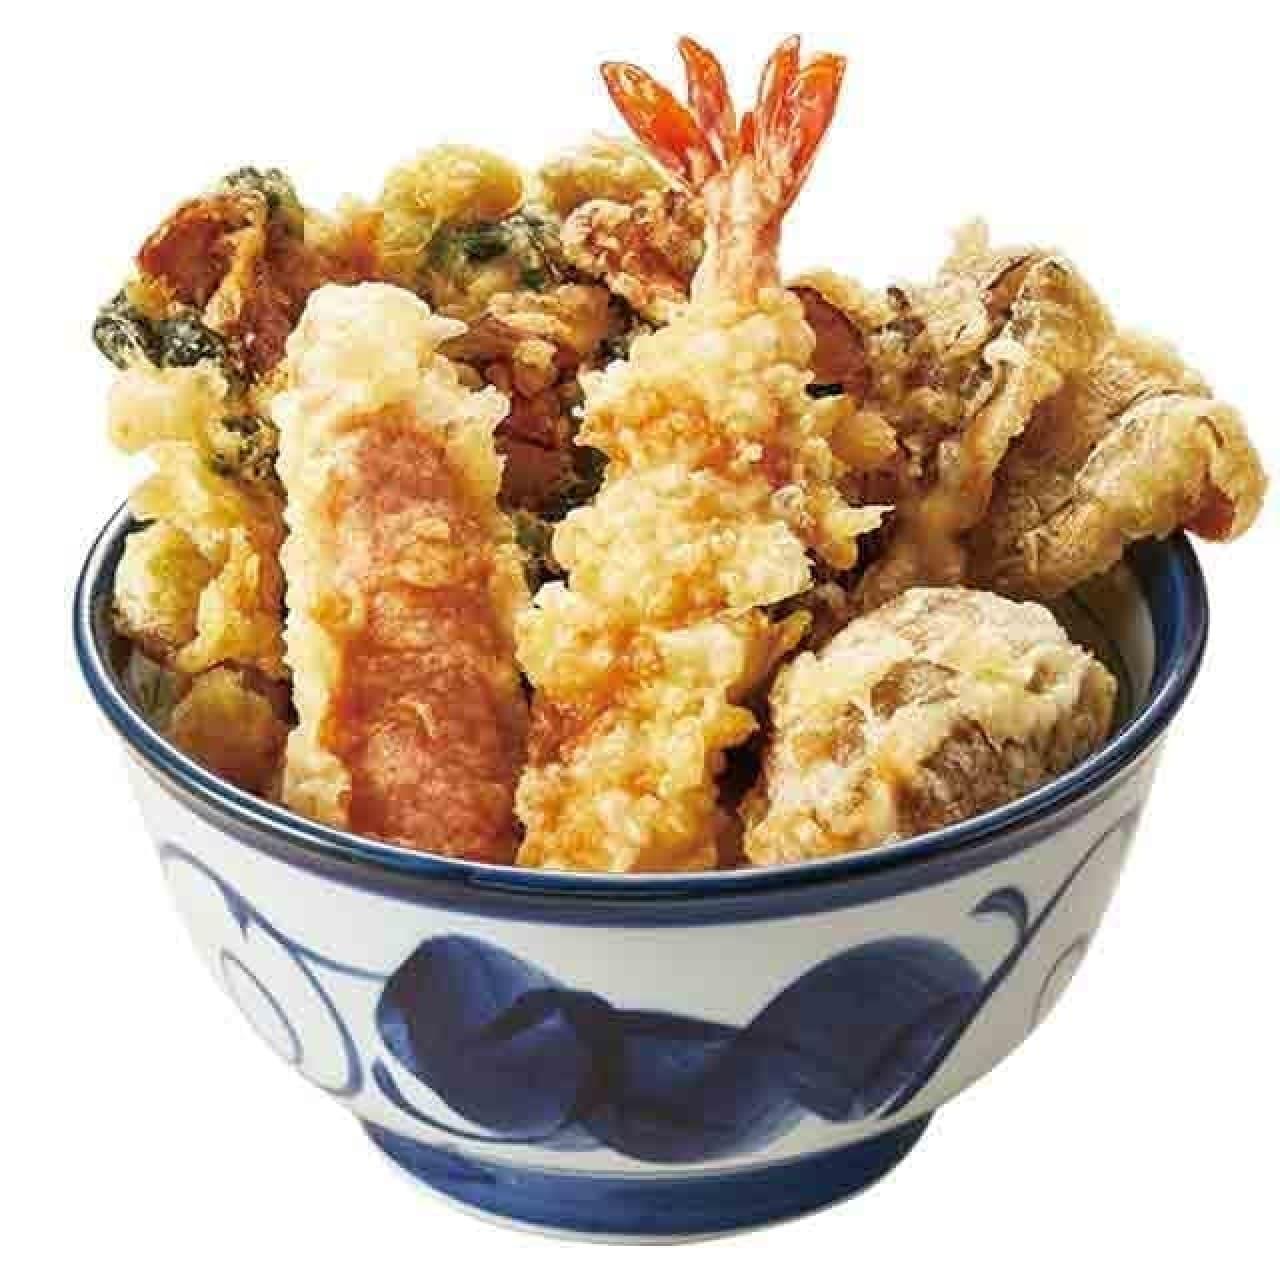 てんやの季節限定メニュー『松茸かき揚げ天丼』